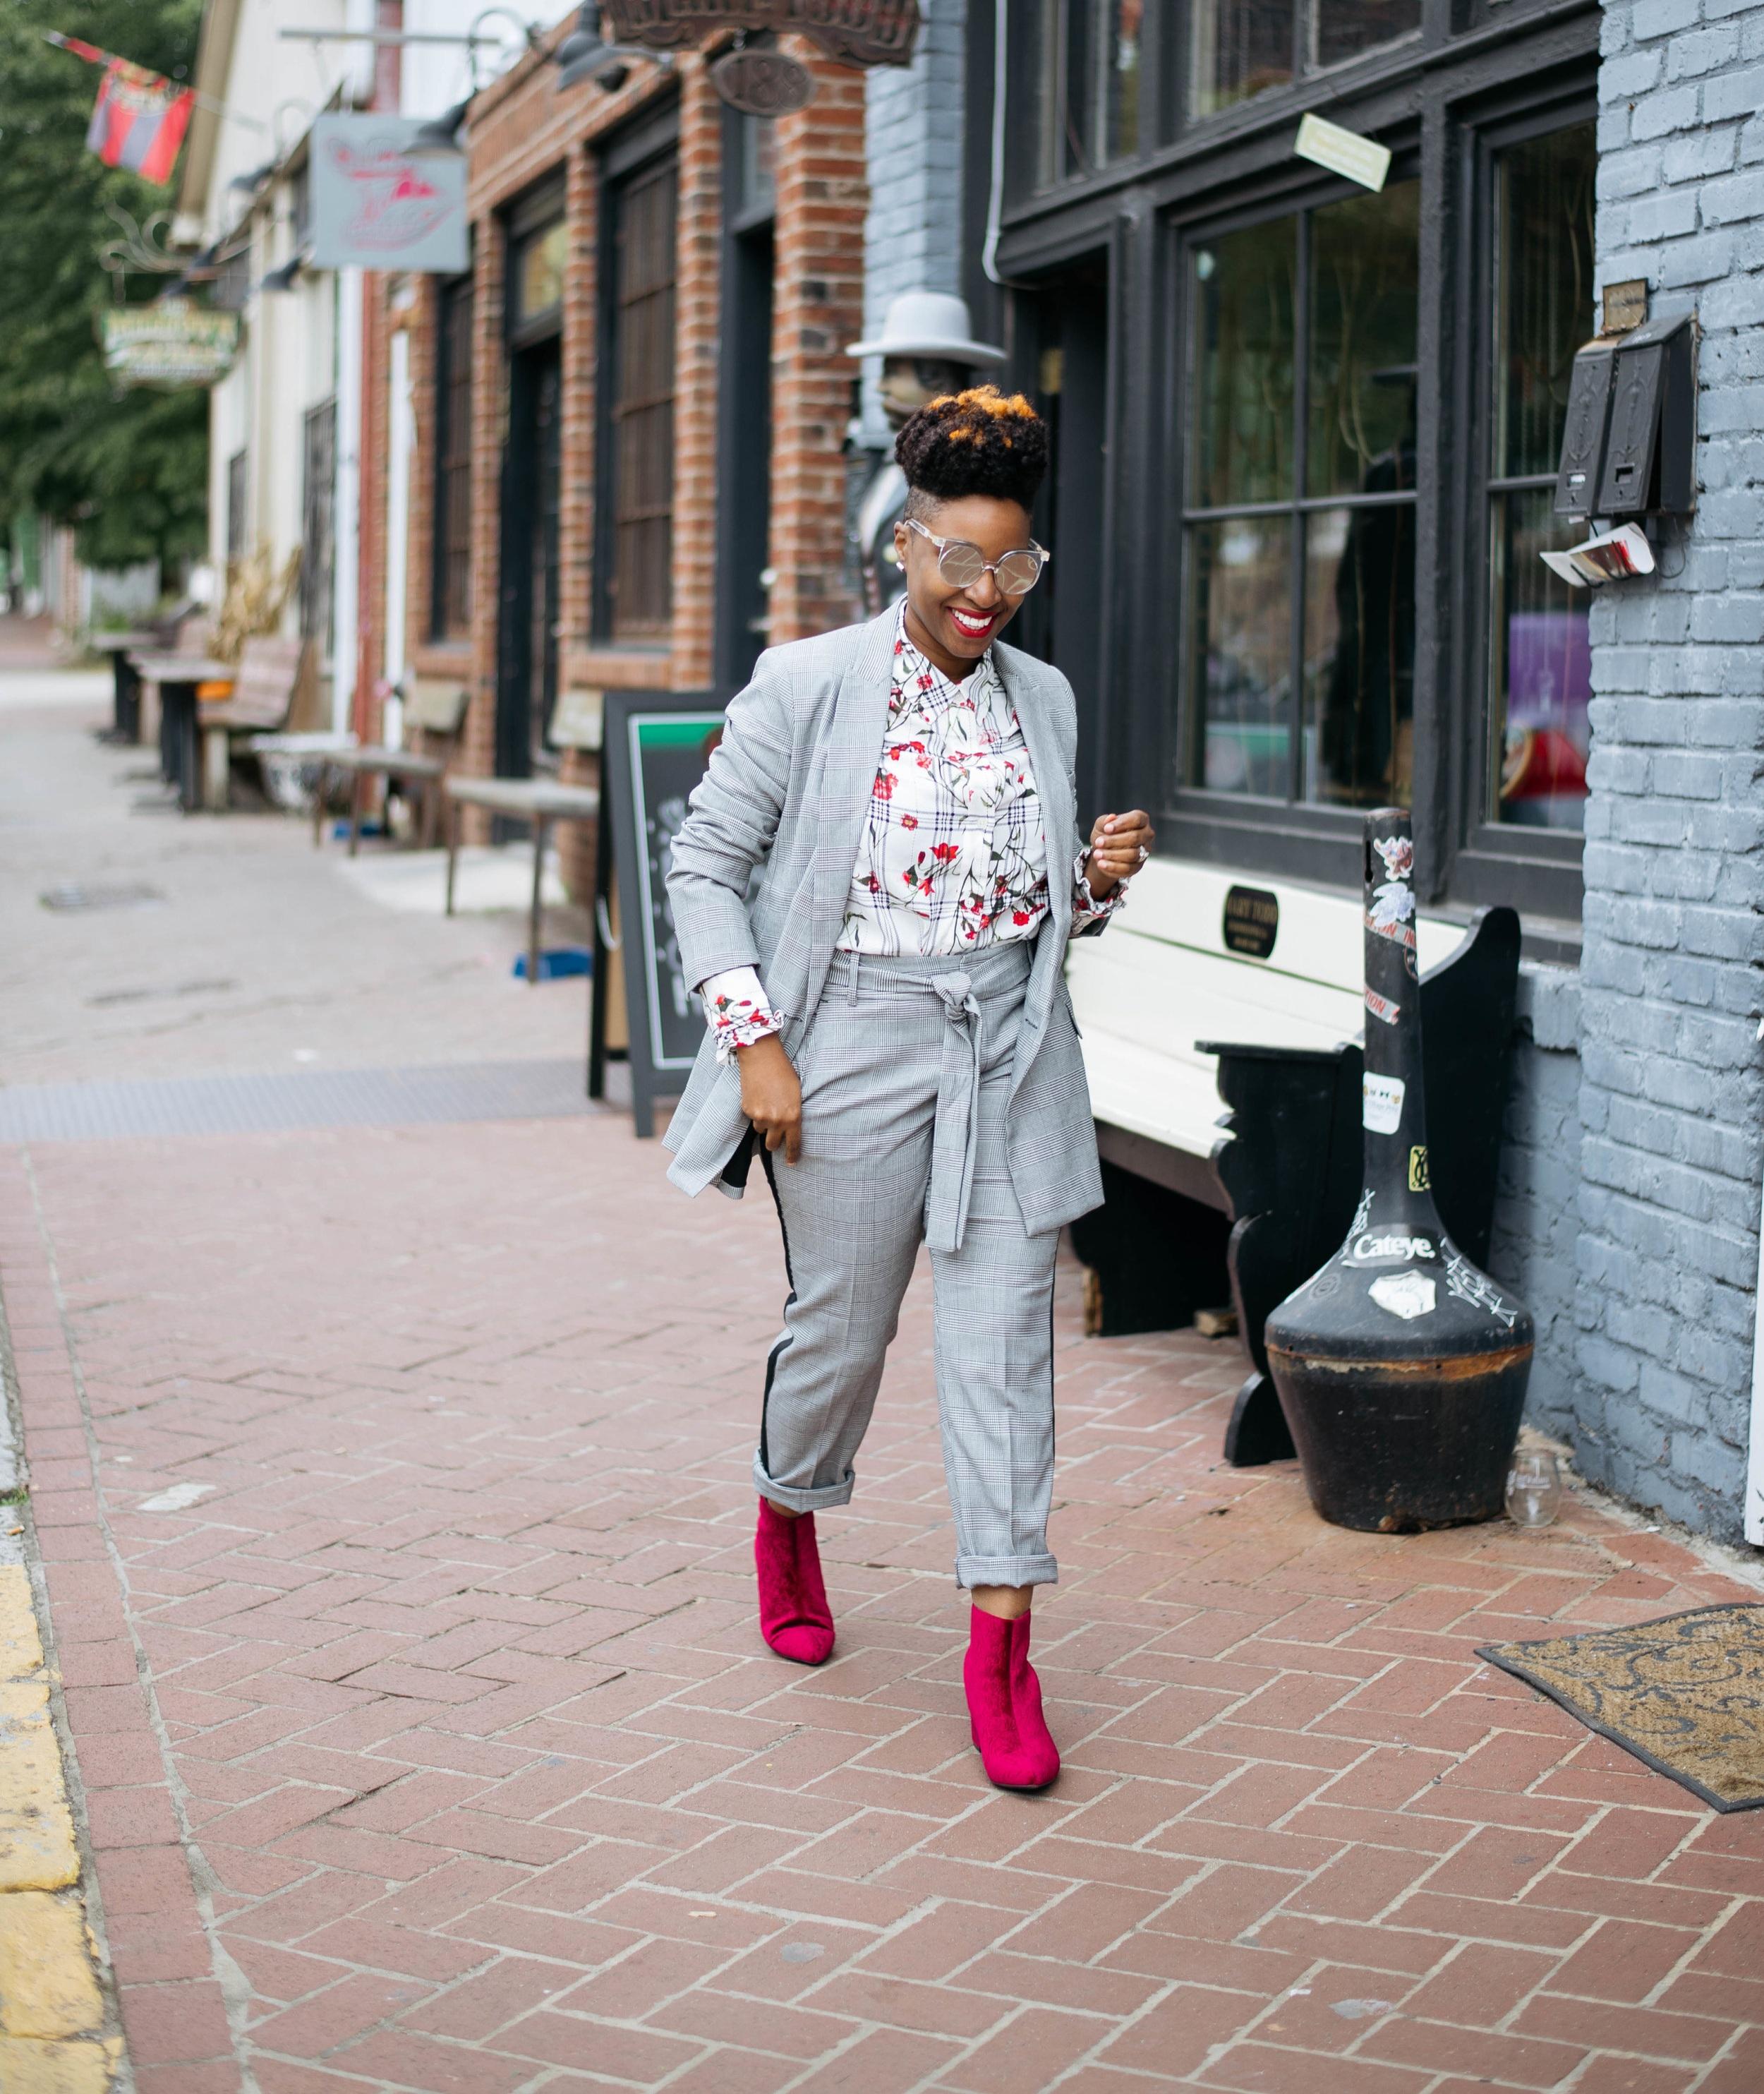 Personal Stylist, Atlanta wardrobe stylist, melodiestewart.com